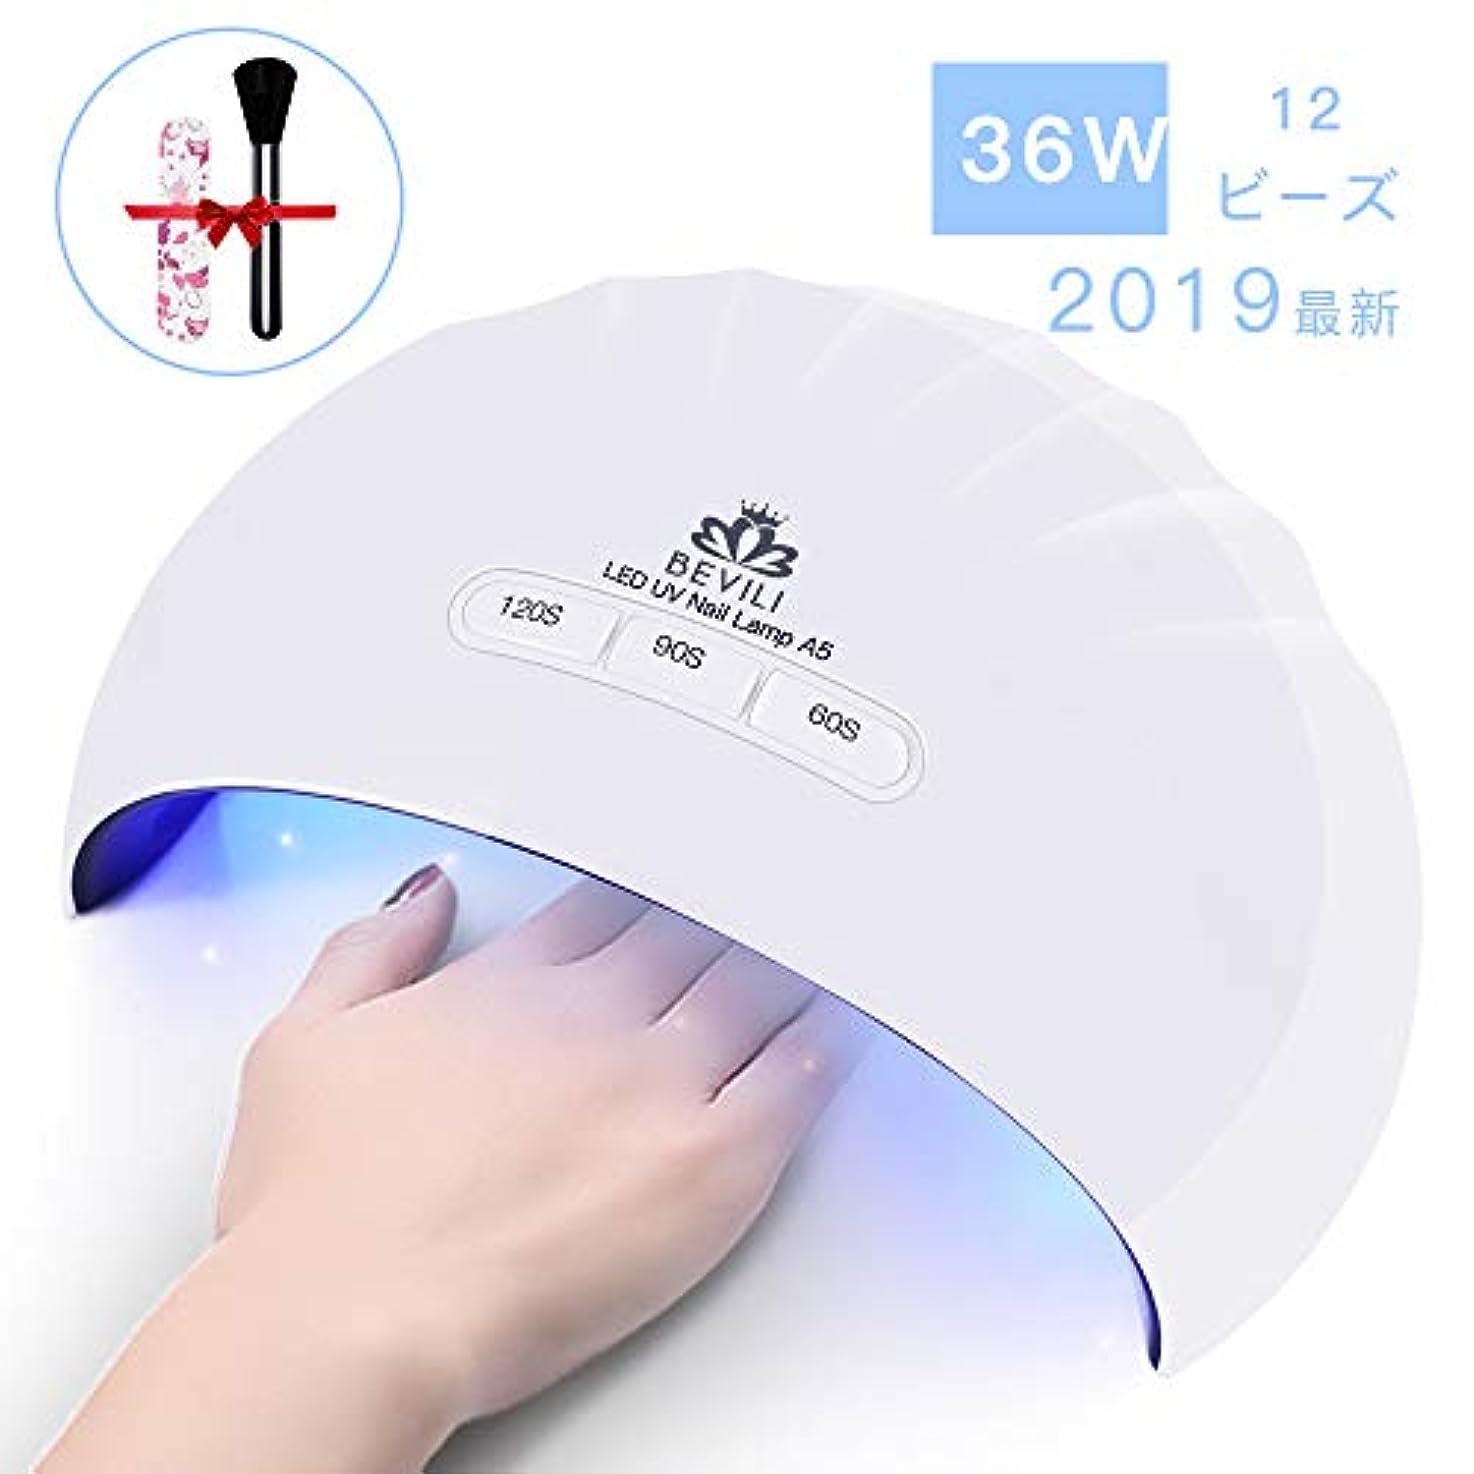 ビバ思い出させる成功する硬化用UV/LEDライトジェルネイルライト 肌をケア センサータイマー付き UVライト 速乾UV ネイル ハンドフット両用 ネイル led ライト USB対応 (ホワイト)